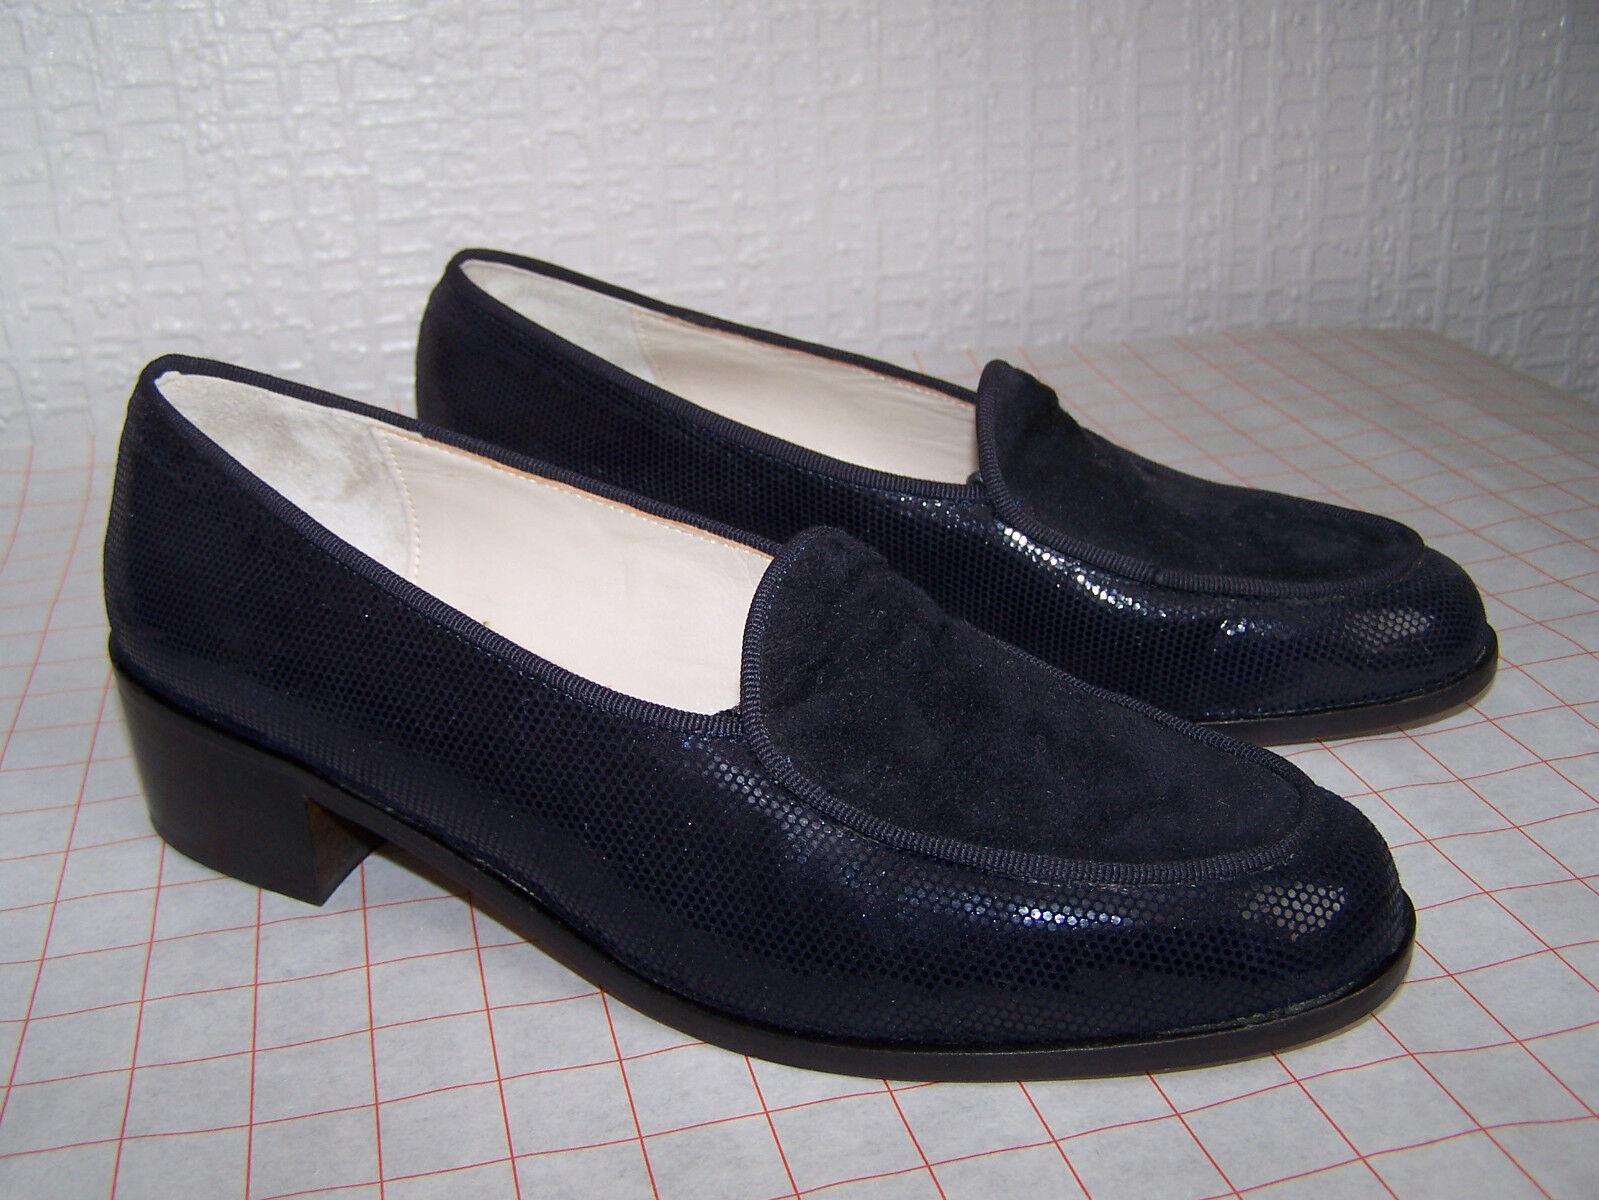 Florentine Navy Blau Leather Flat Heel schuhe (Größe 4.5 UK, NEW)